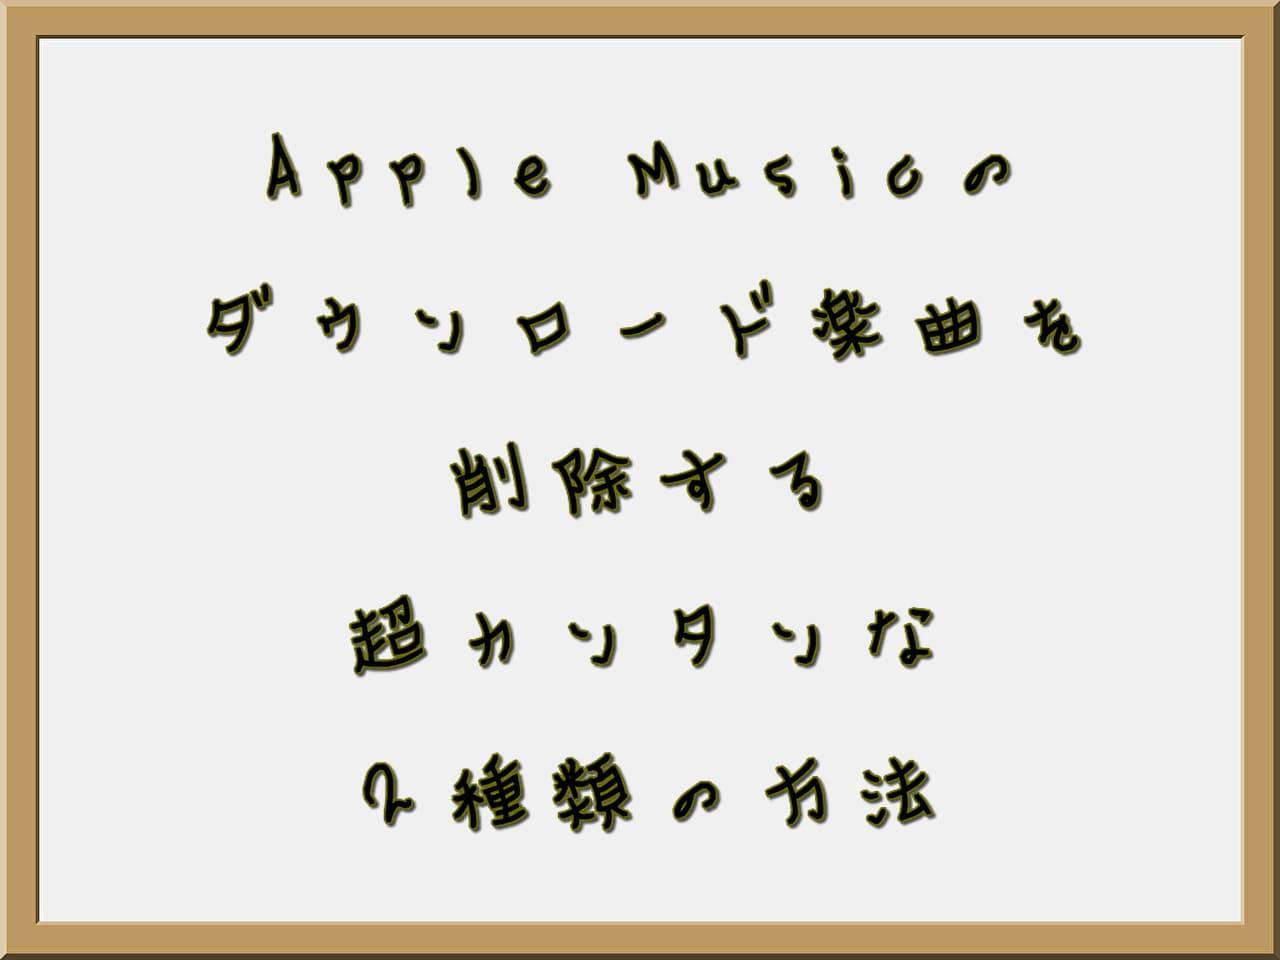 Apple Musicのダウンロード楽曲を削除する超カンタンな2種類の方法